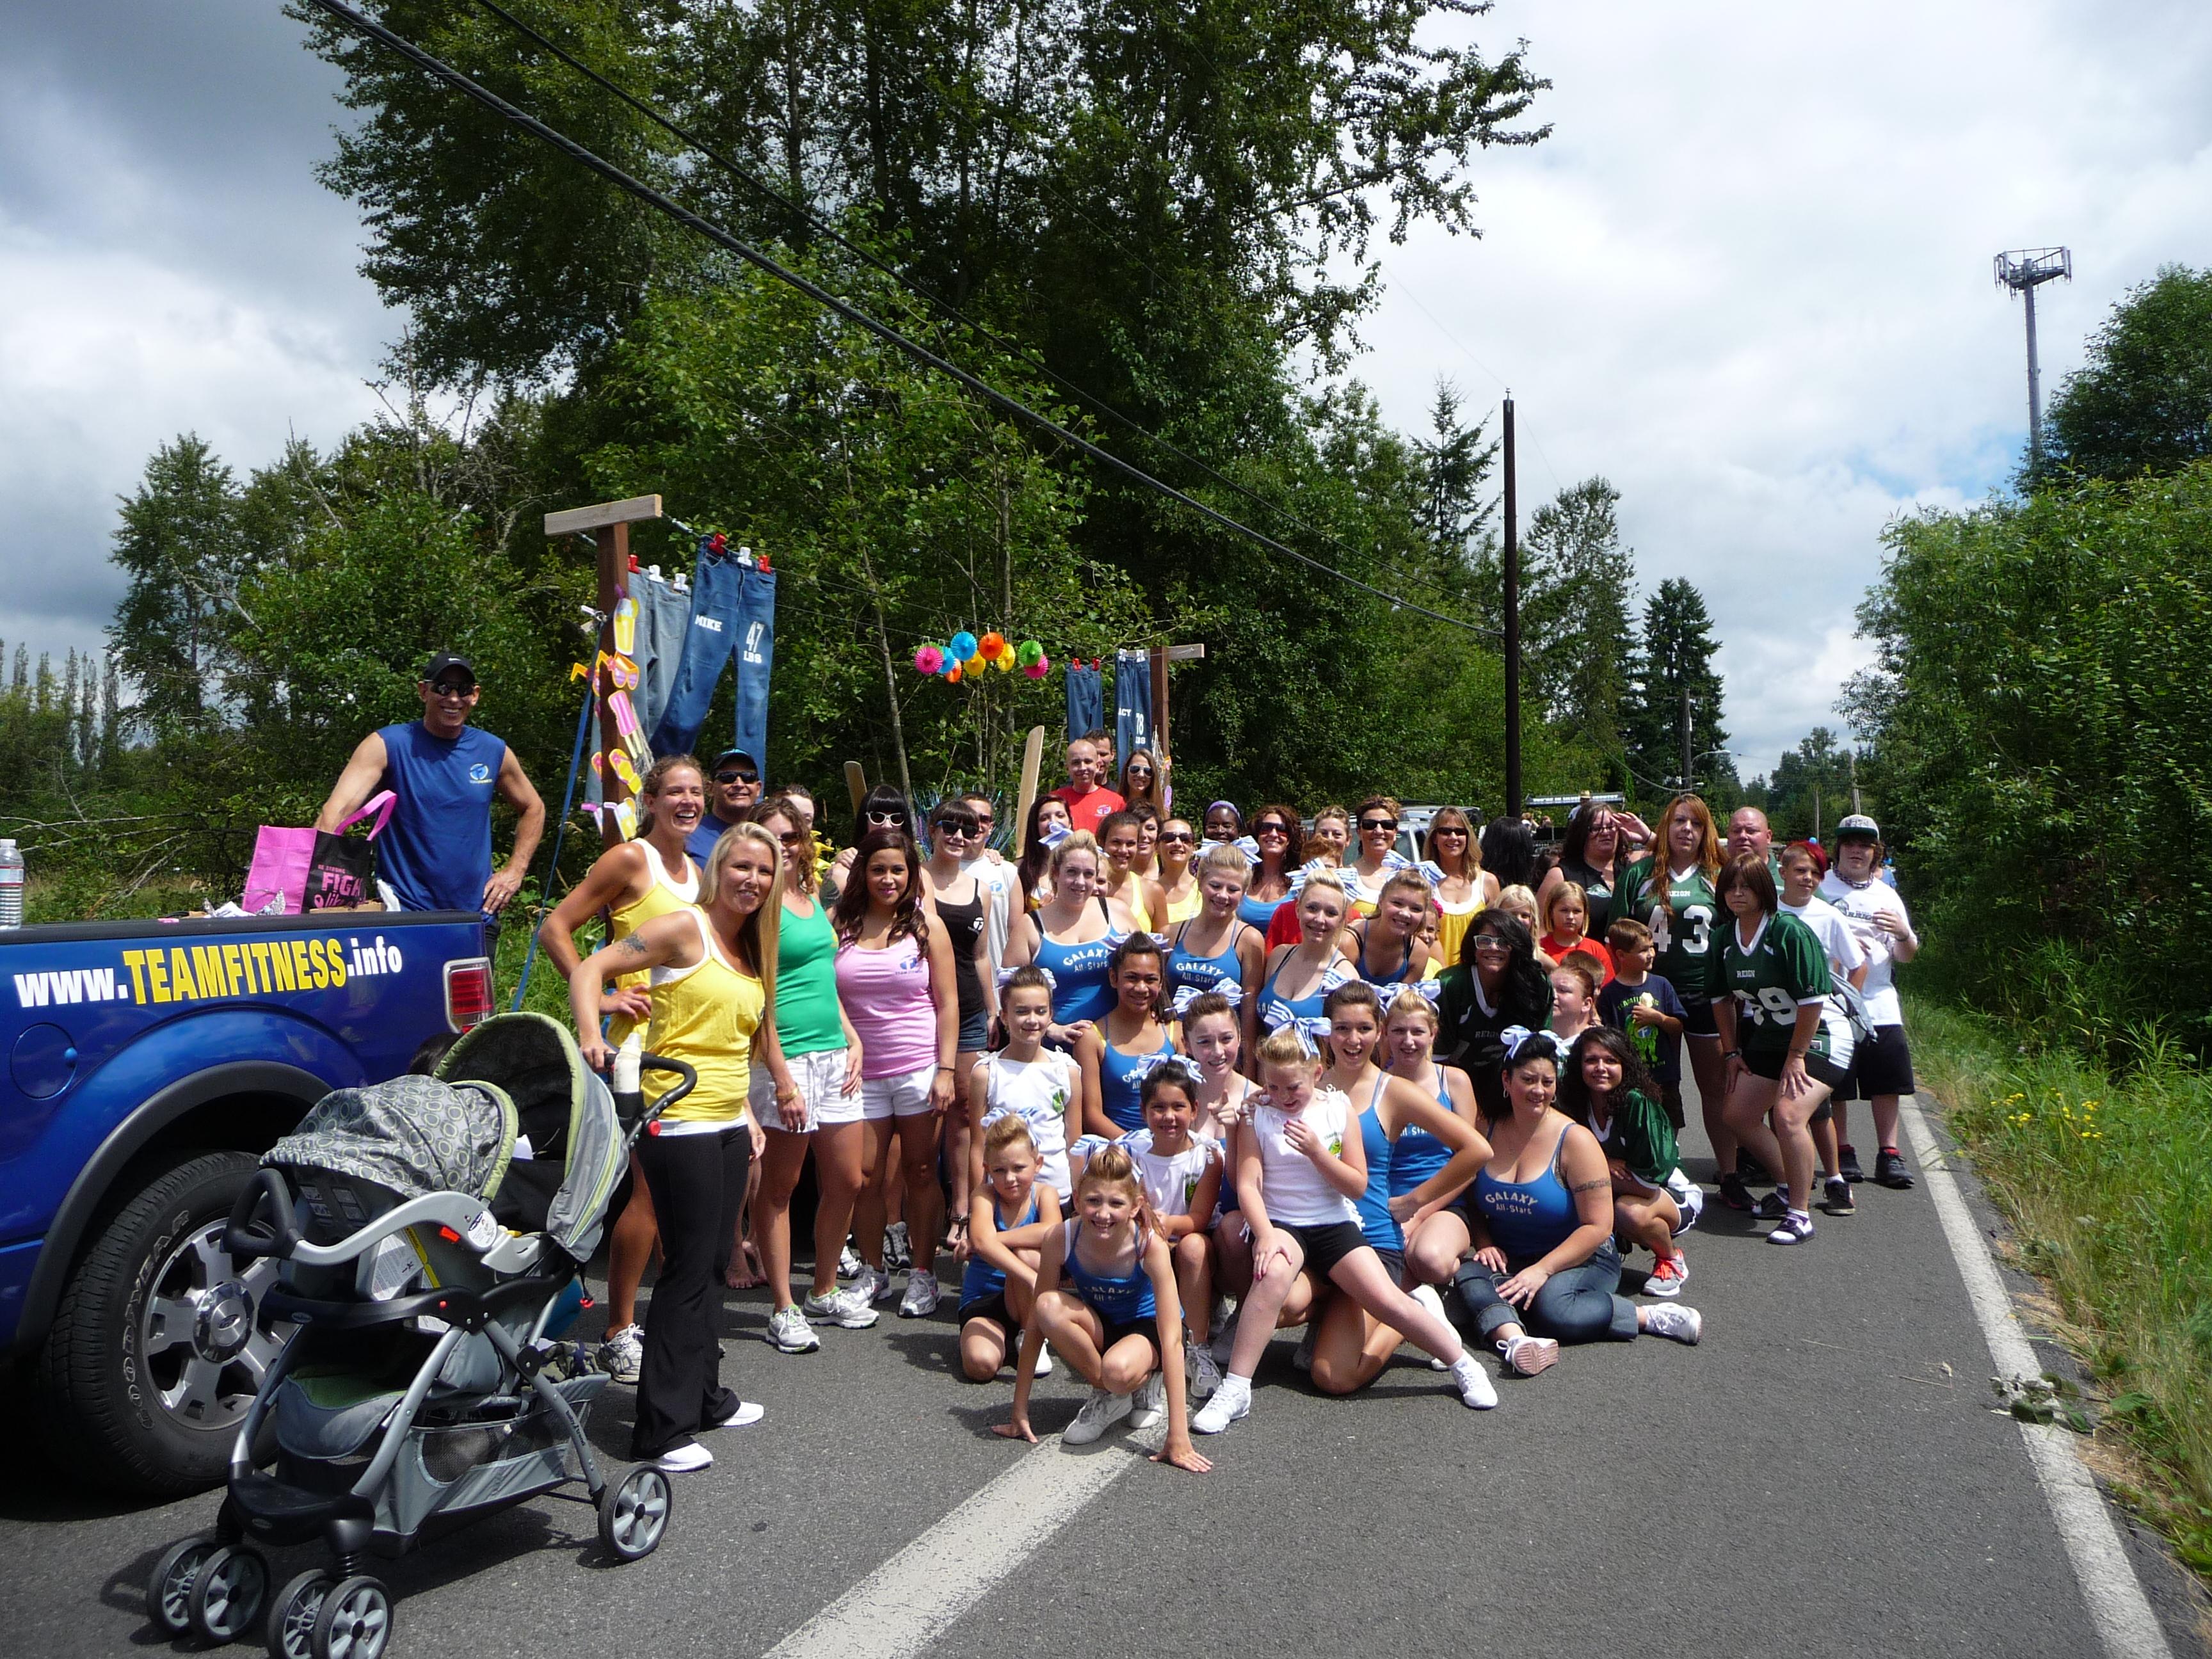 Lake stevens wa aquafest parade anne caroline drake